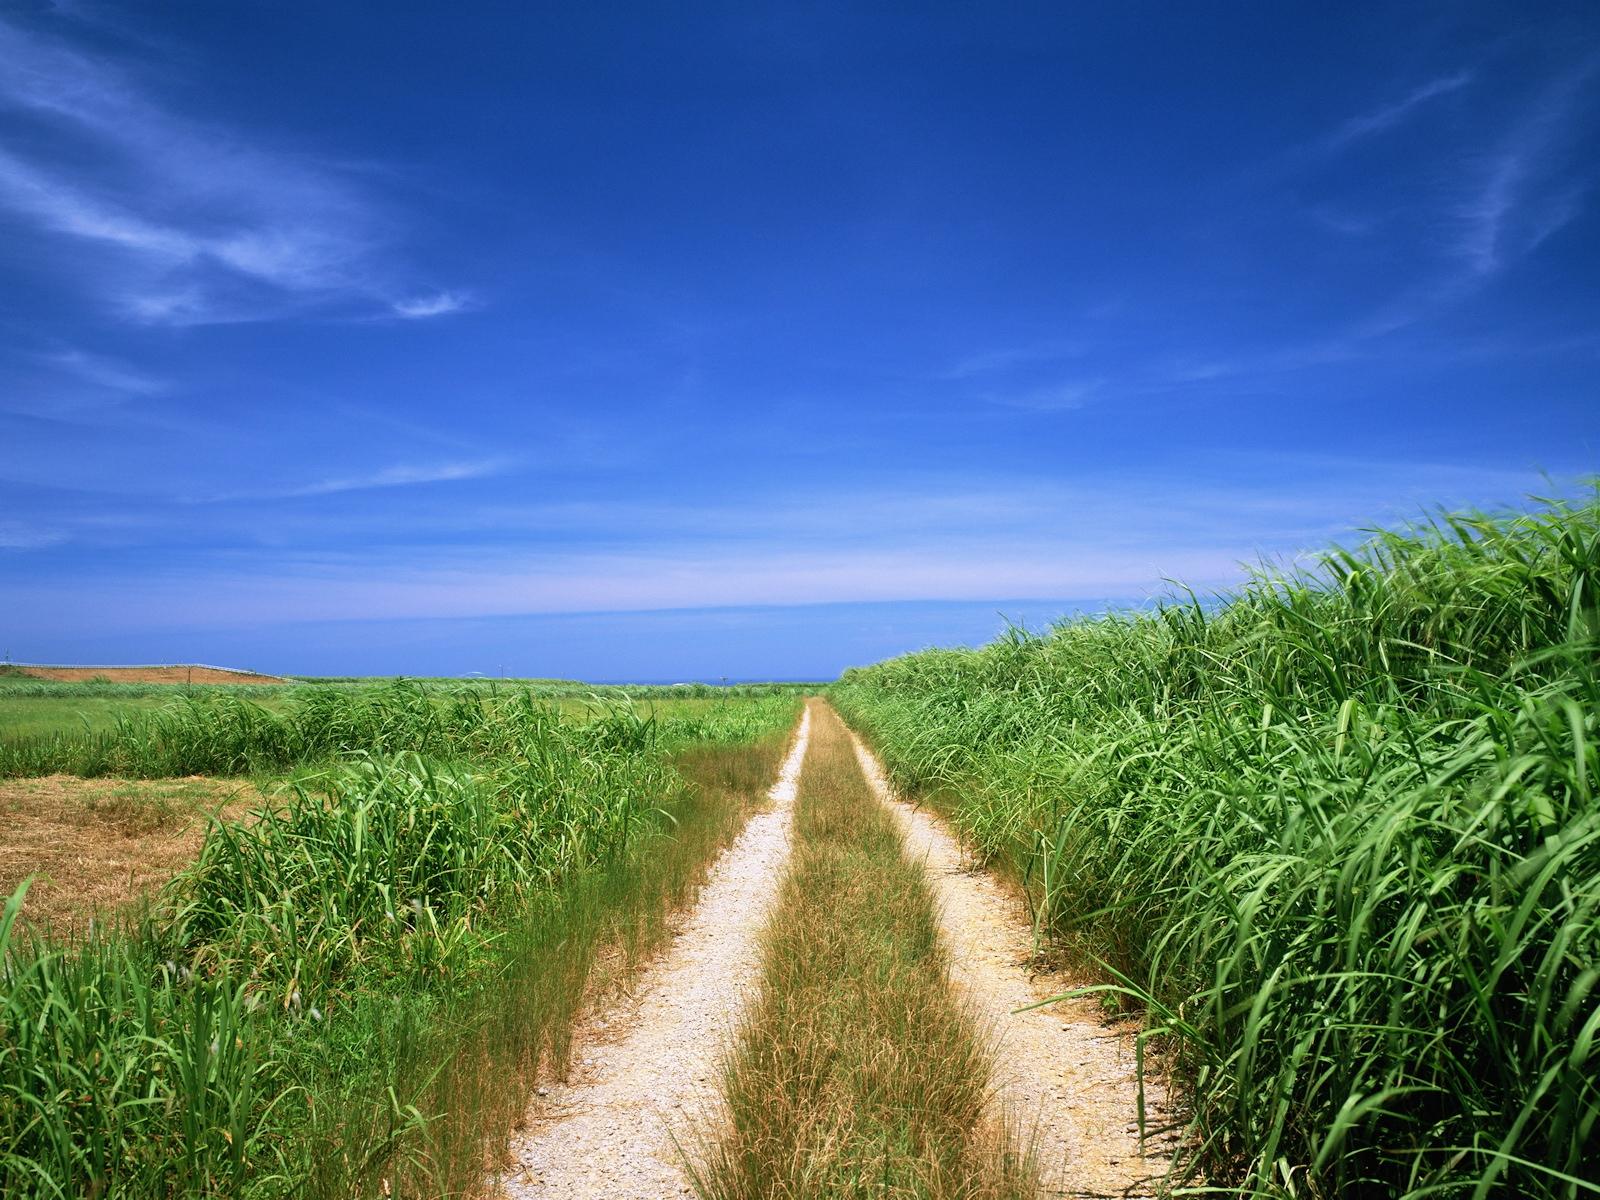 Трава вдоль тропки бесплатно